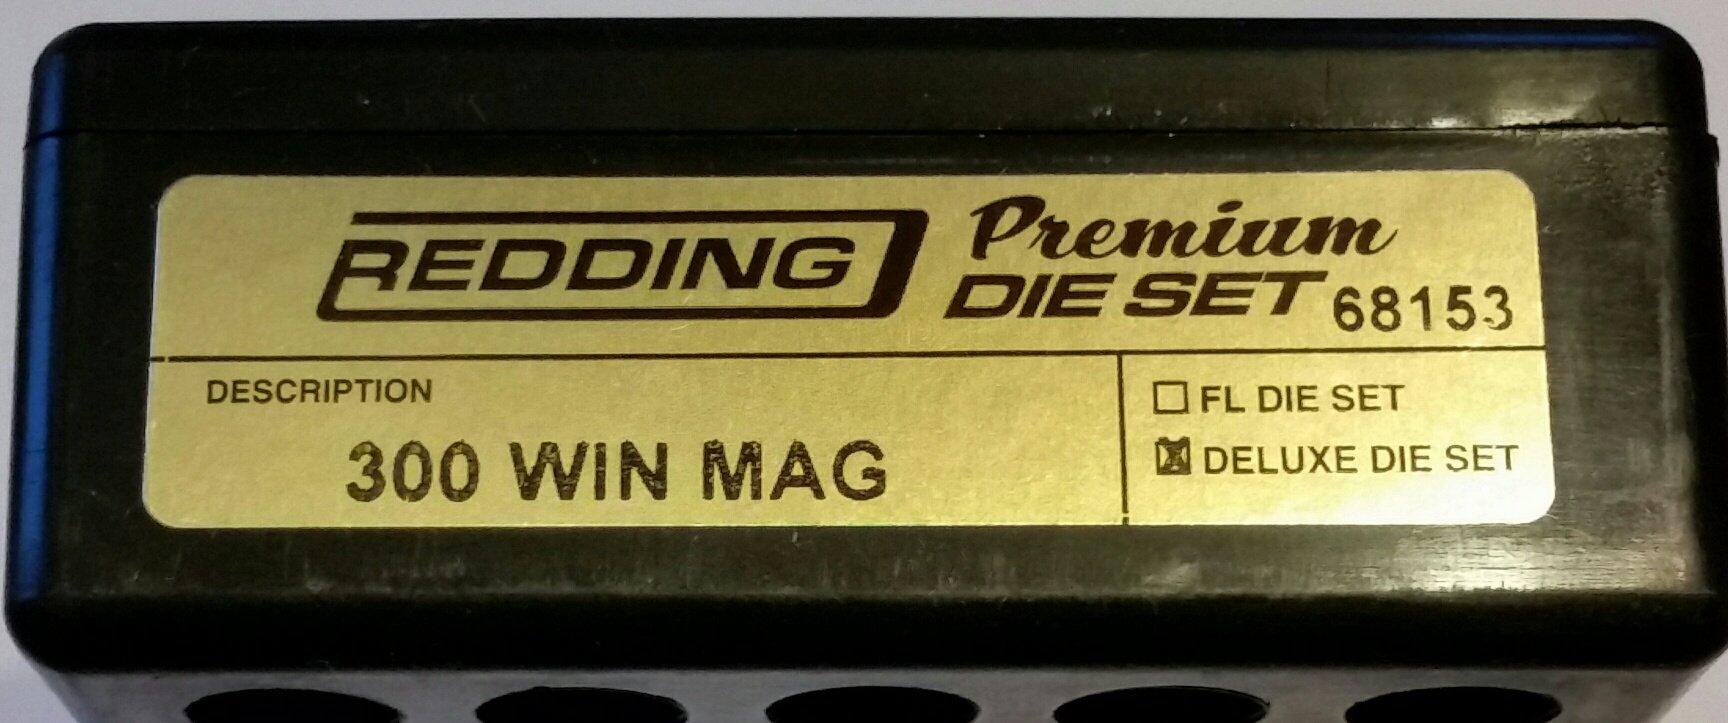 Redding Premium Series Deluxe 3-Die Set 300 Winchester Magnum